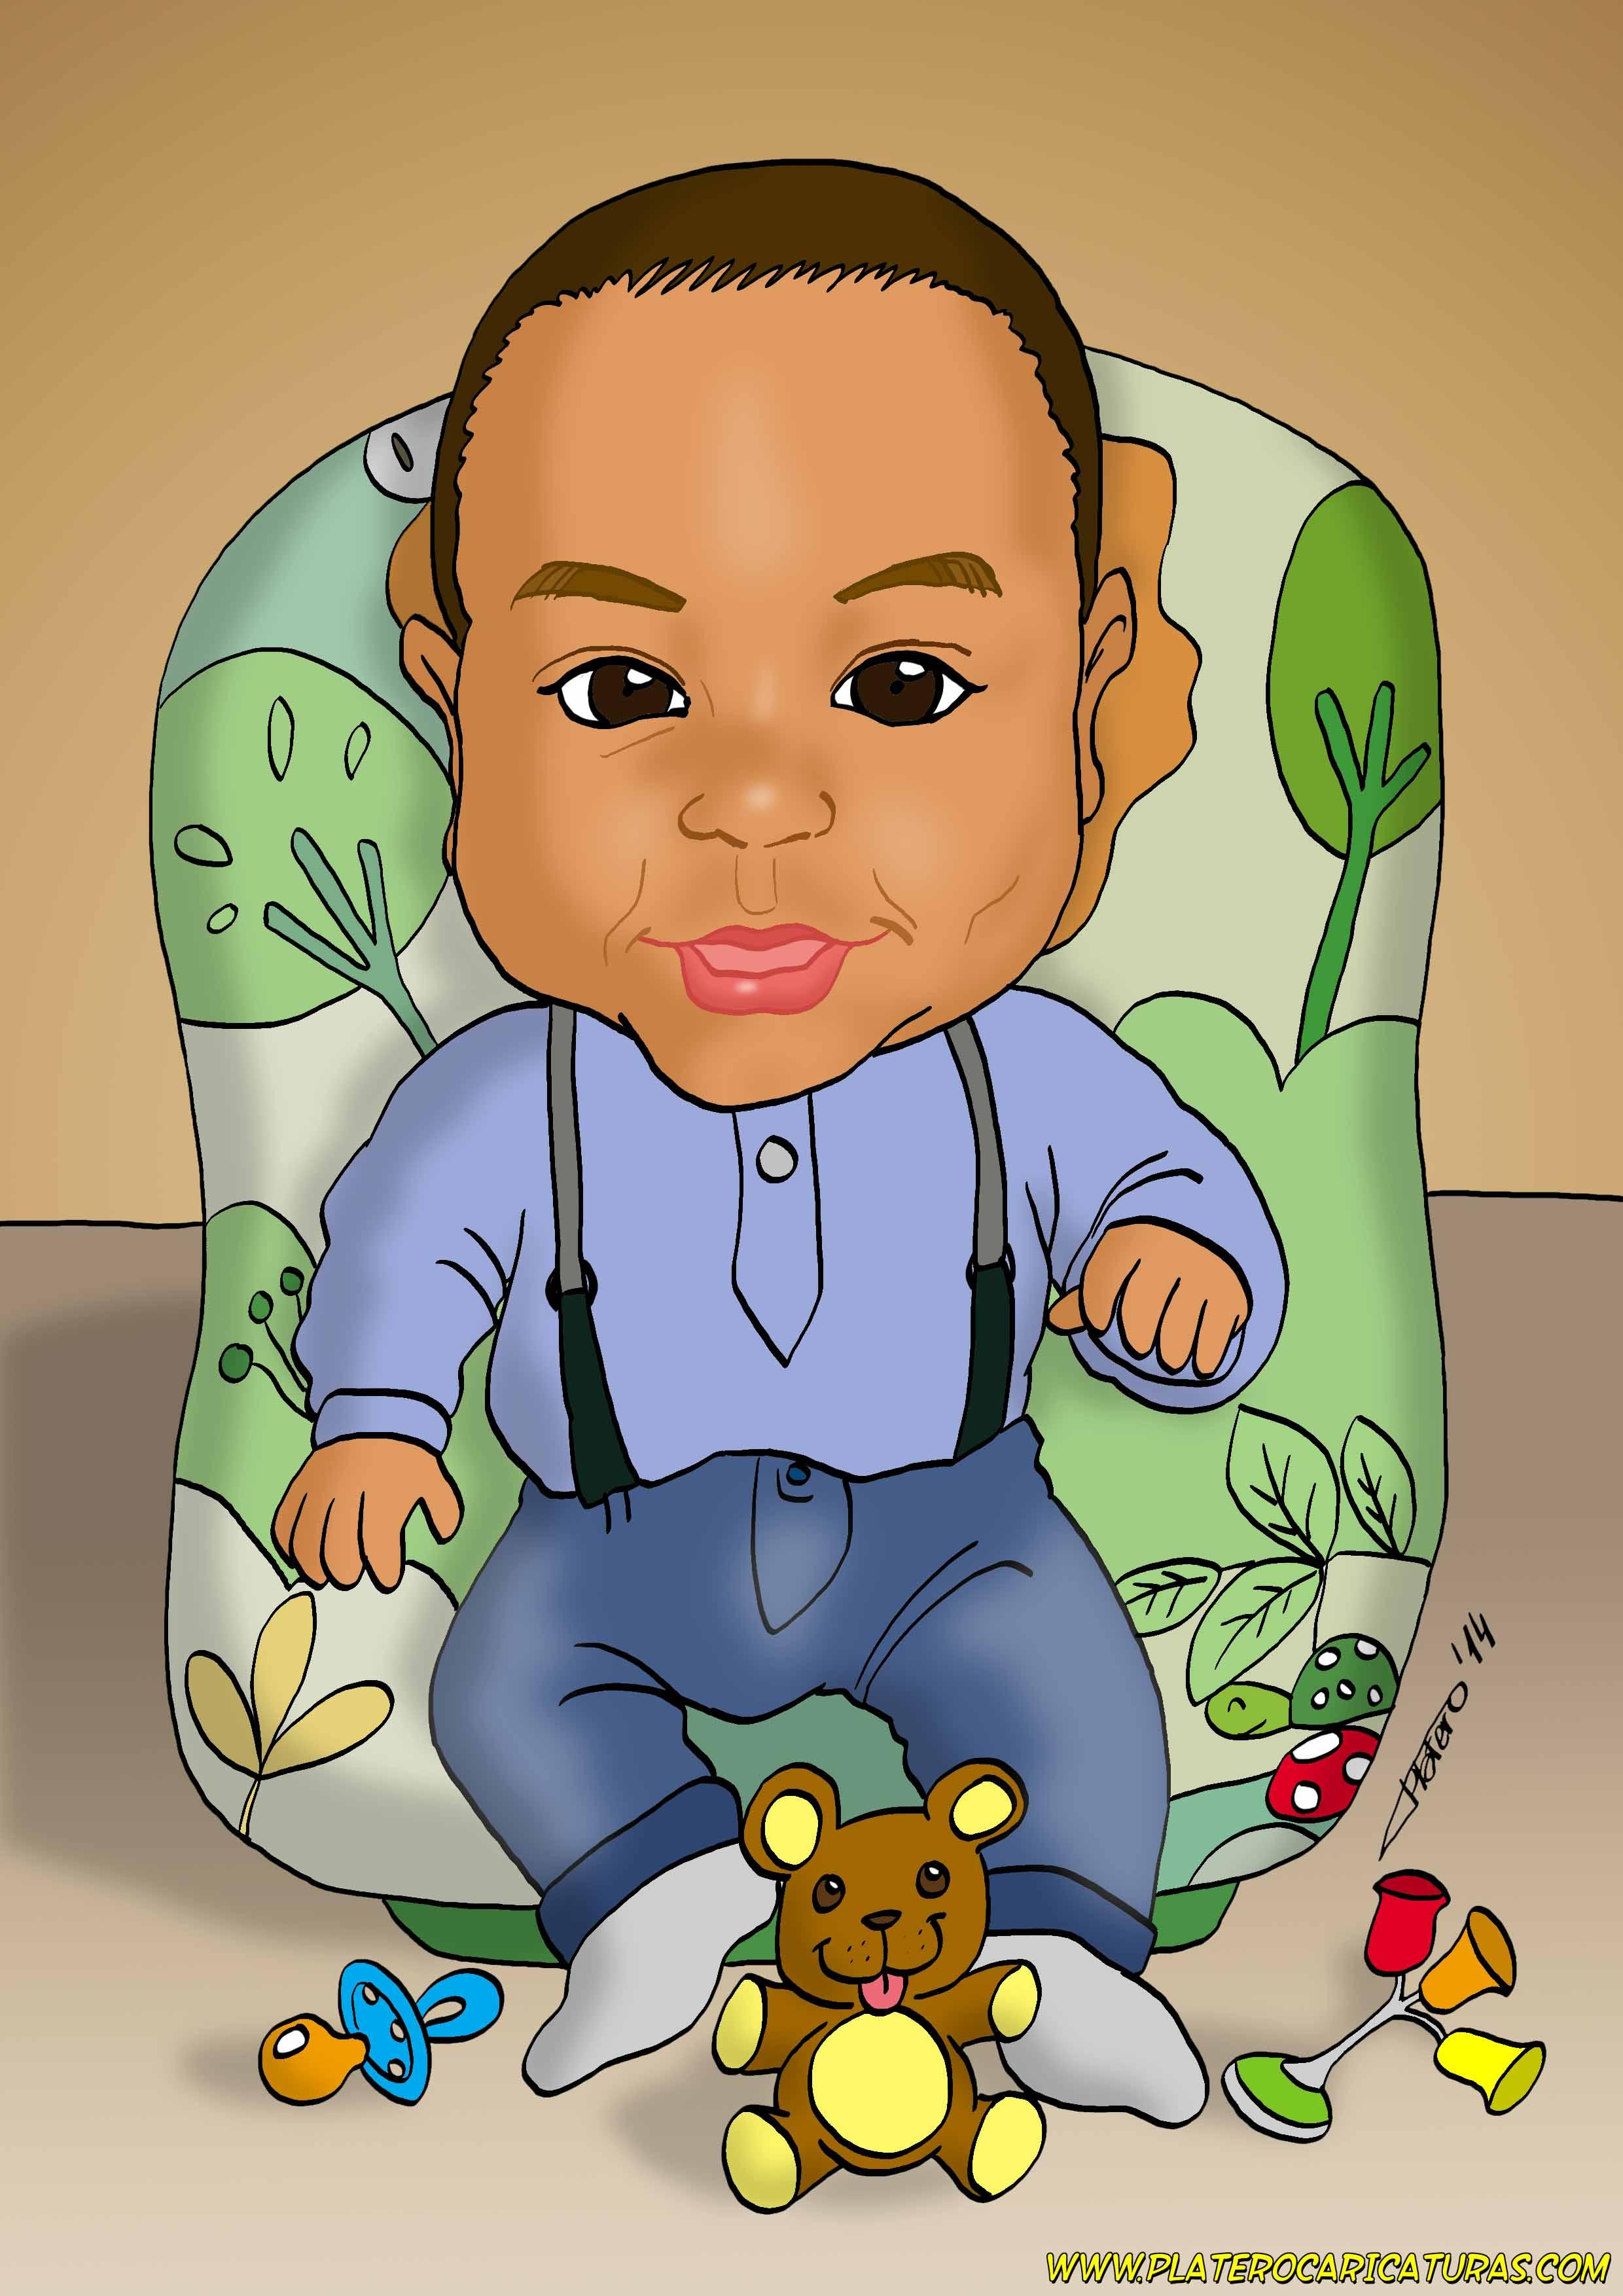 caricatura_a_color_por_encargo_personalizada_niño_elmundodeplatero_josé_luis_pla